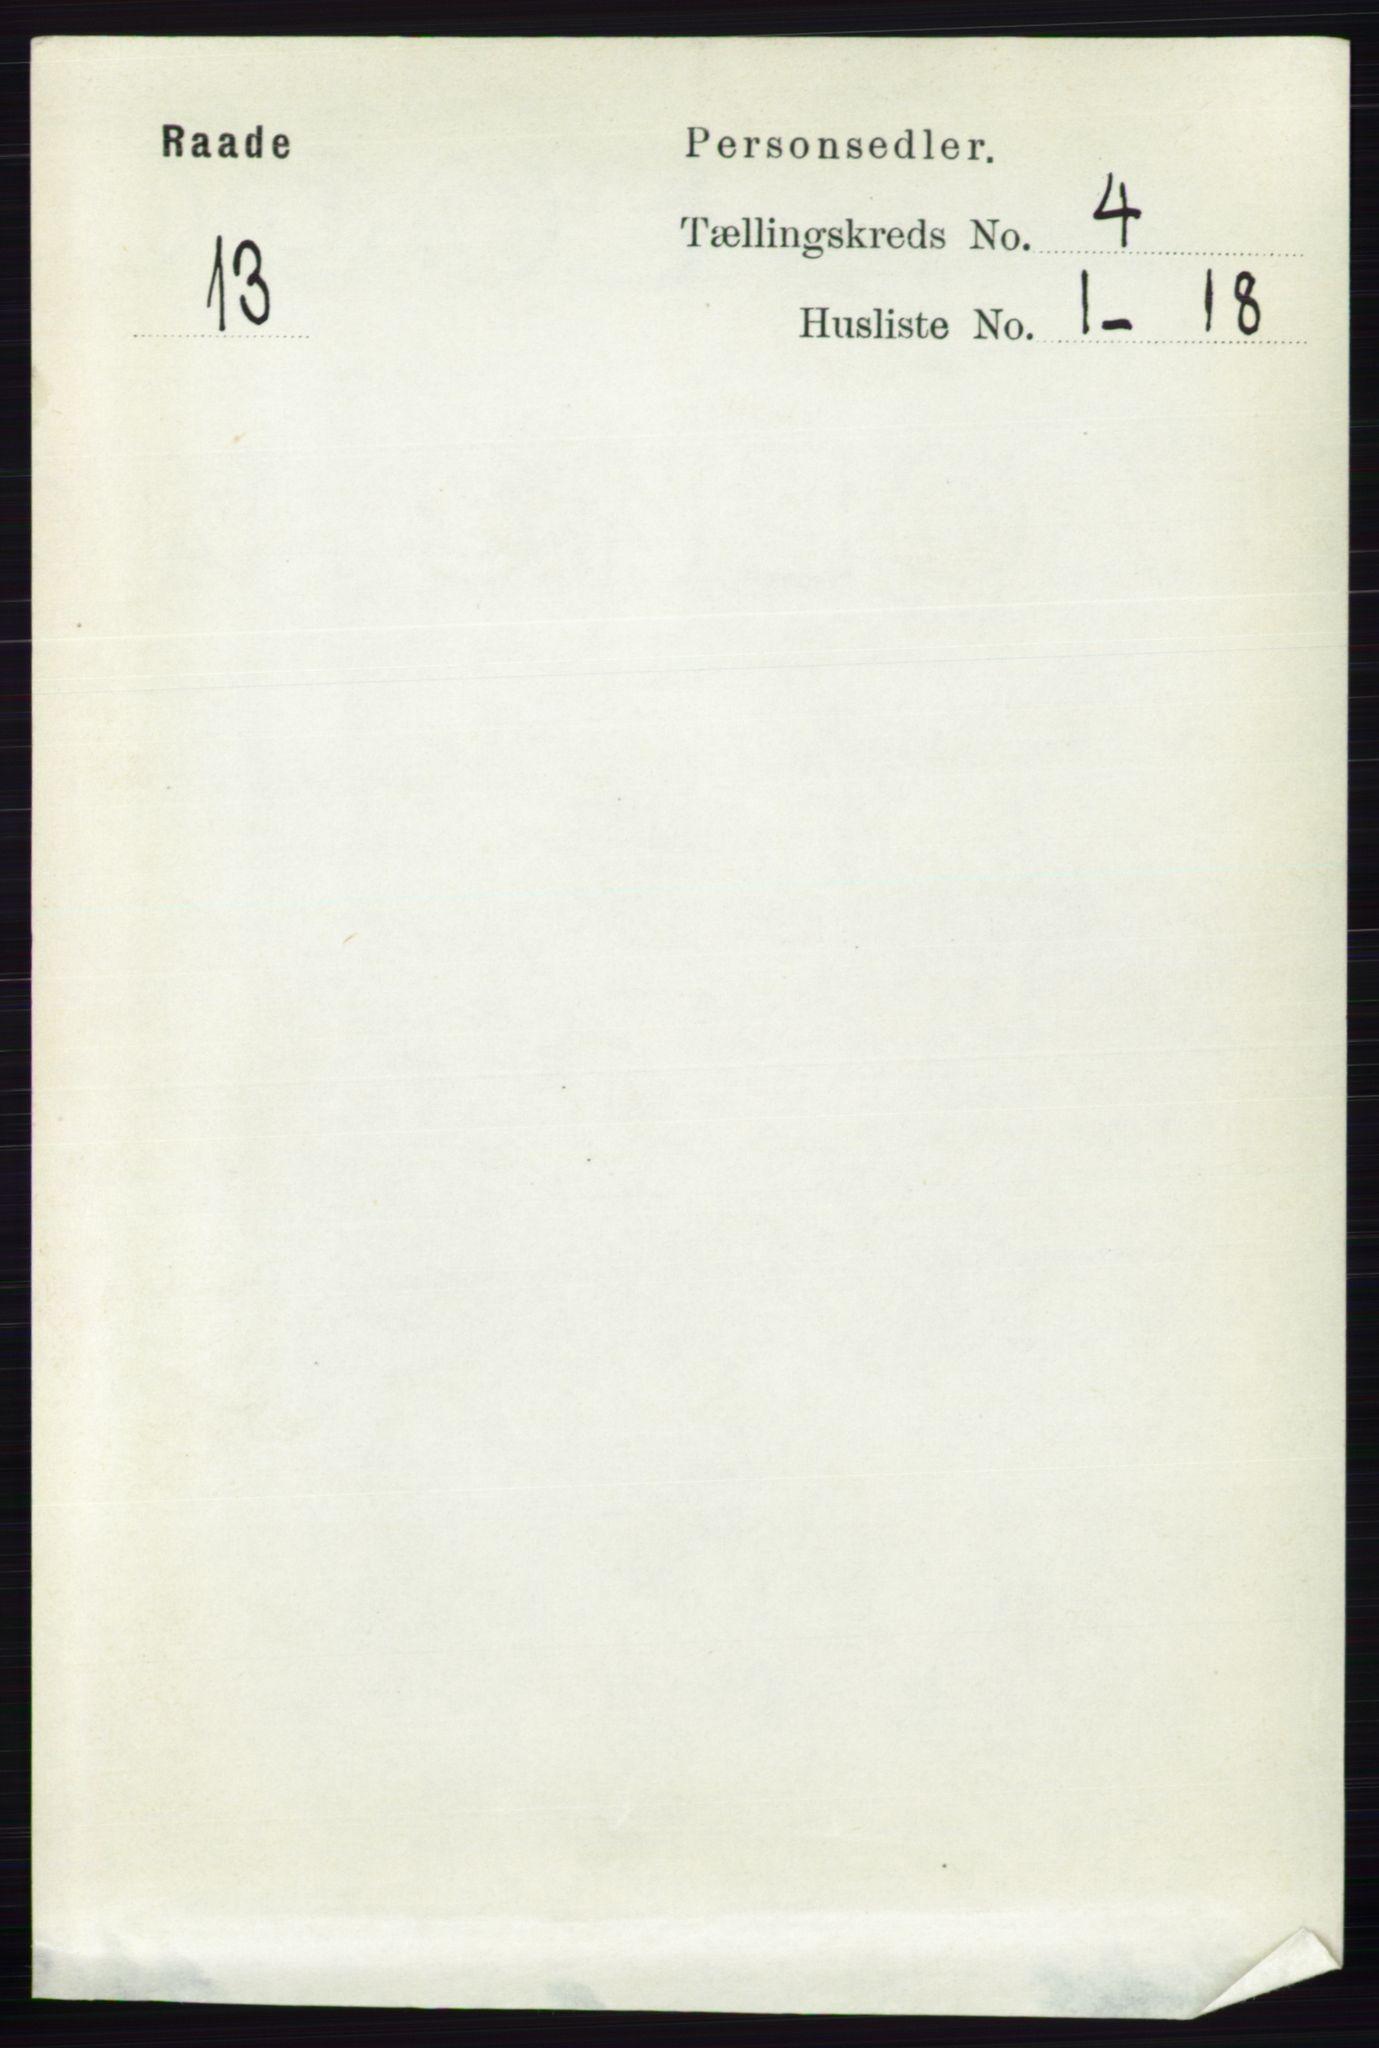 RA, Folketelling 1891 for 0135 Råde herred, 1891, s. 1853